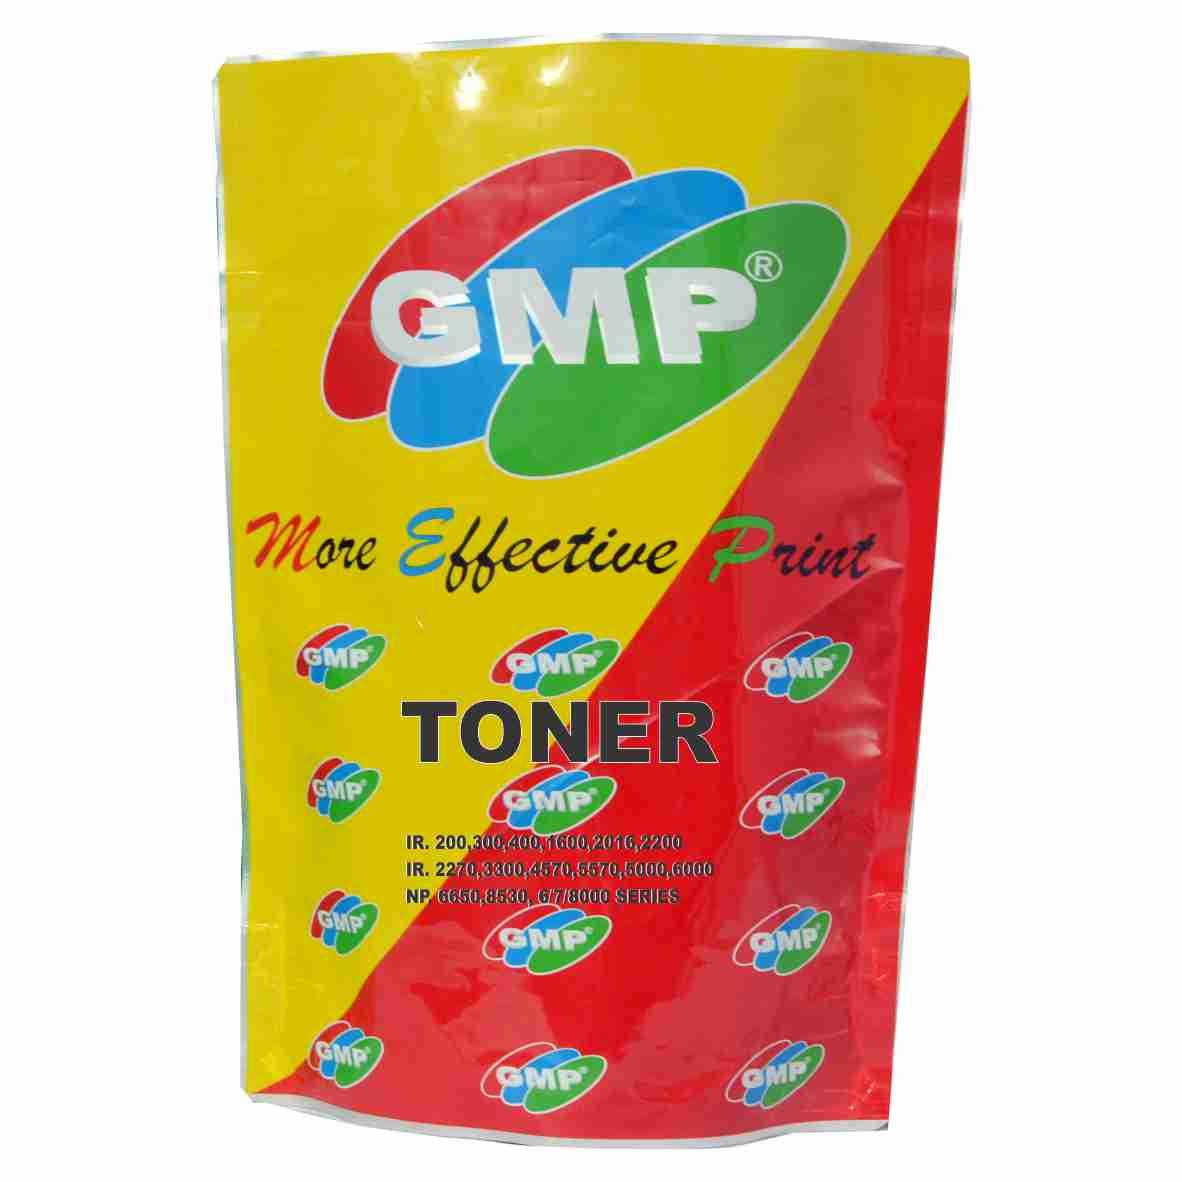 GMP TONER IR 400/2016/2020/3570/3300/5000/6000/5050/5570